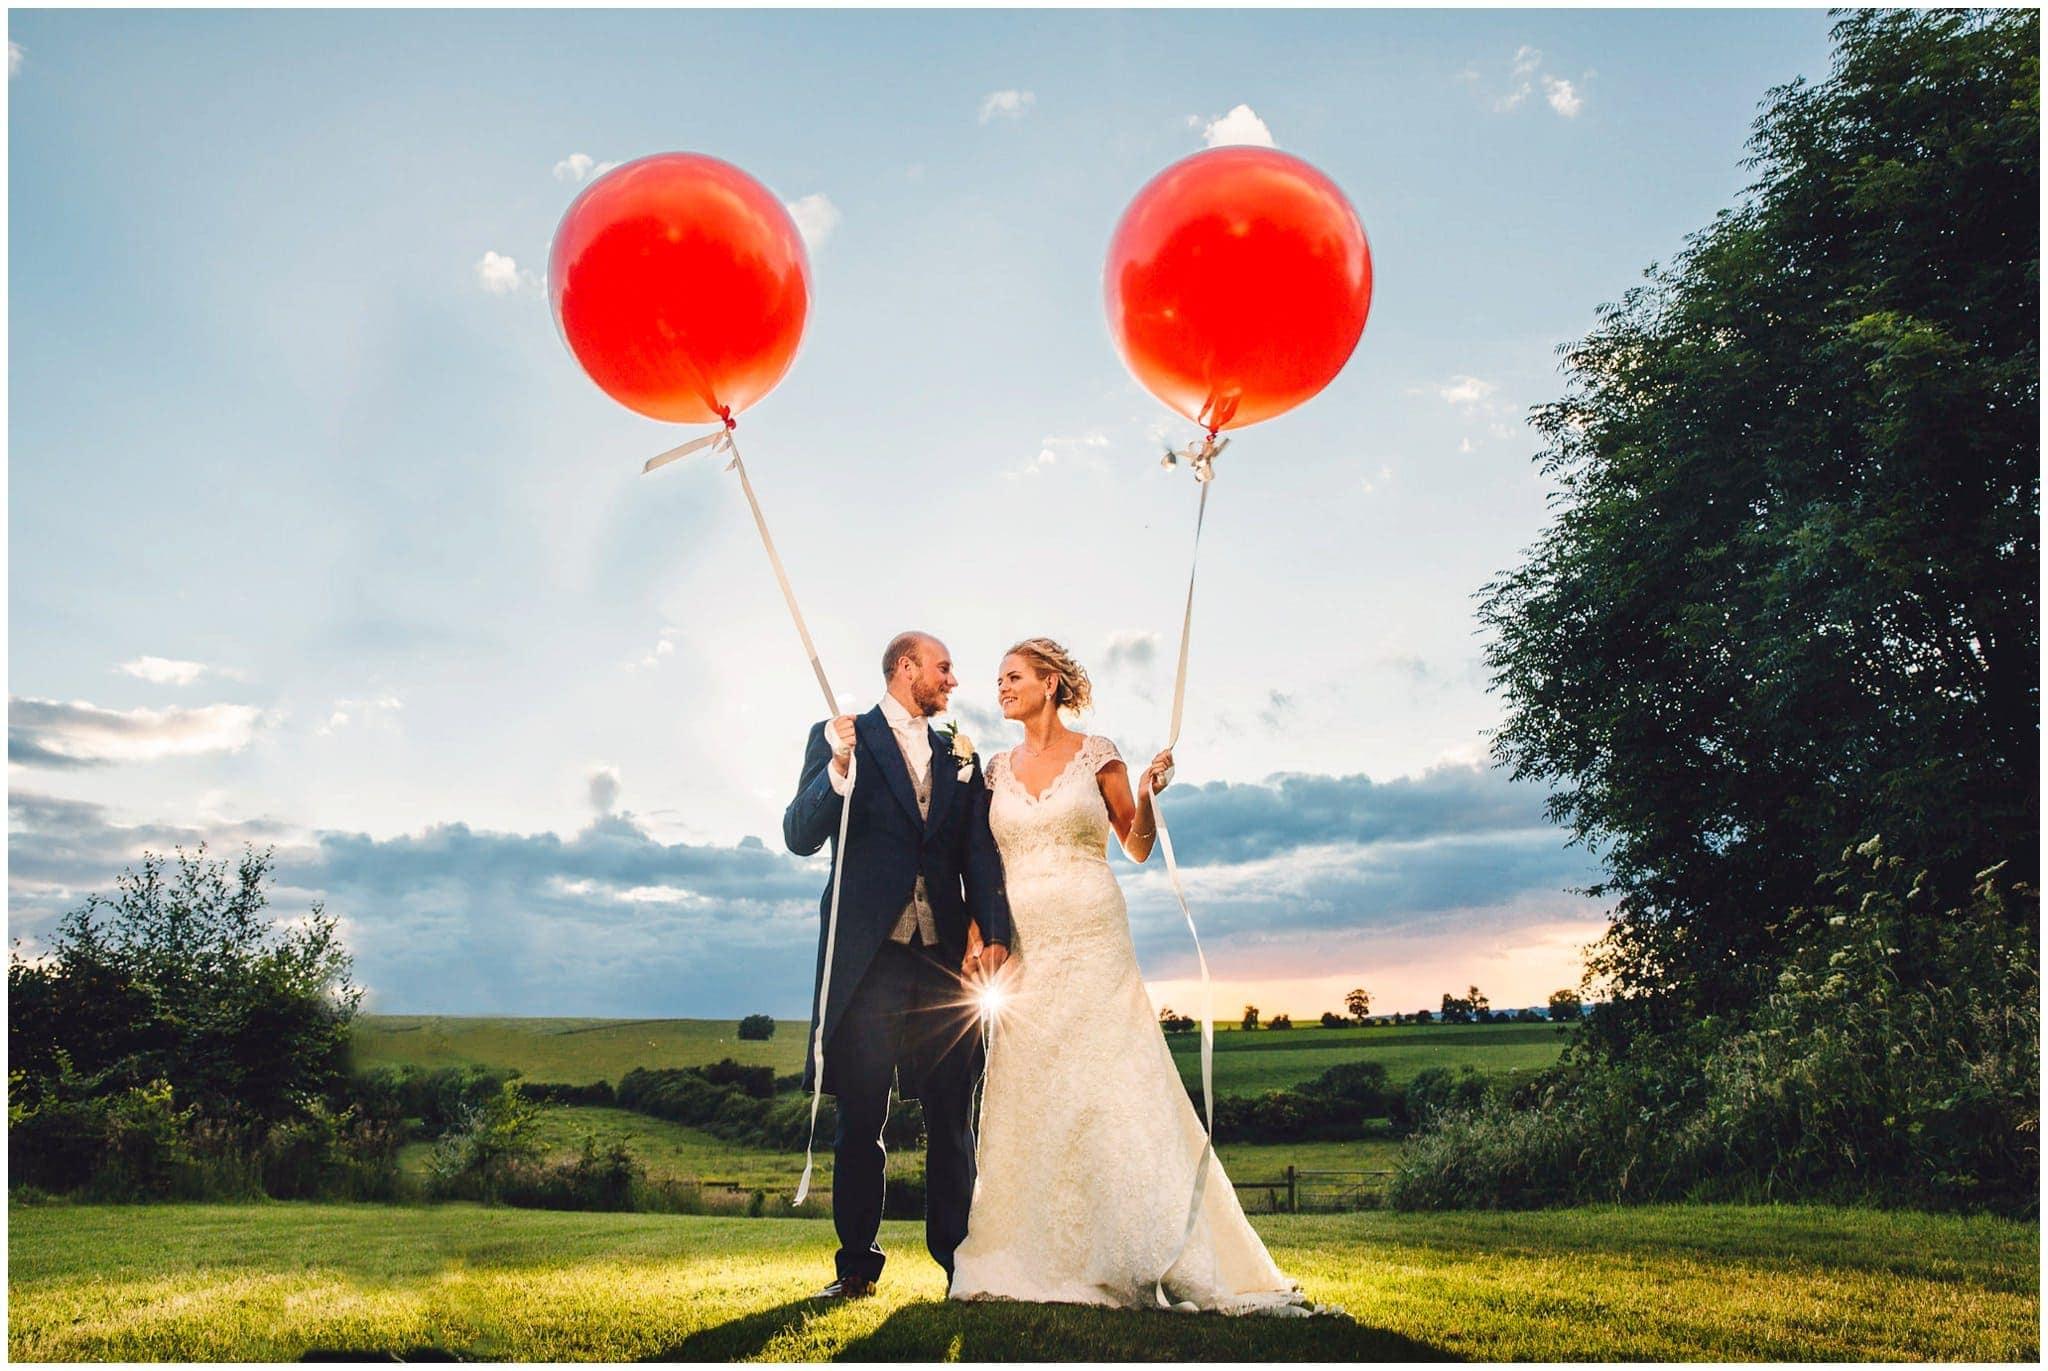 Halstead House Wedding Photography – Kayleigh & Steven